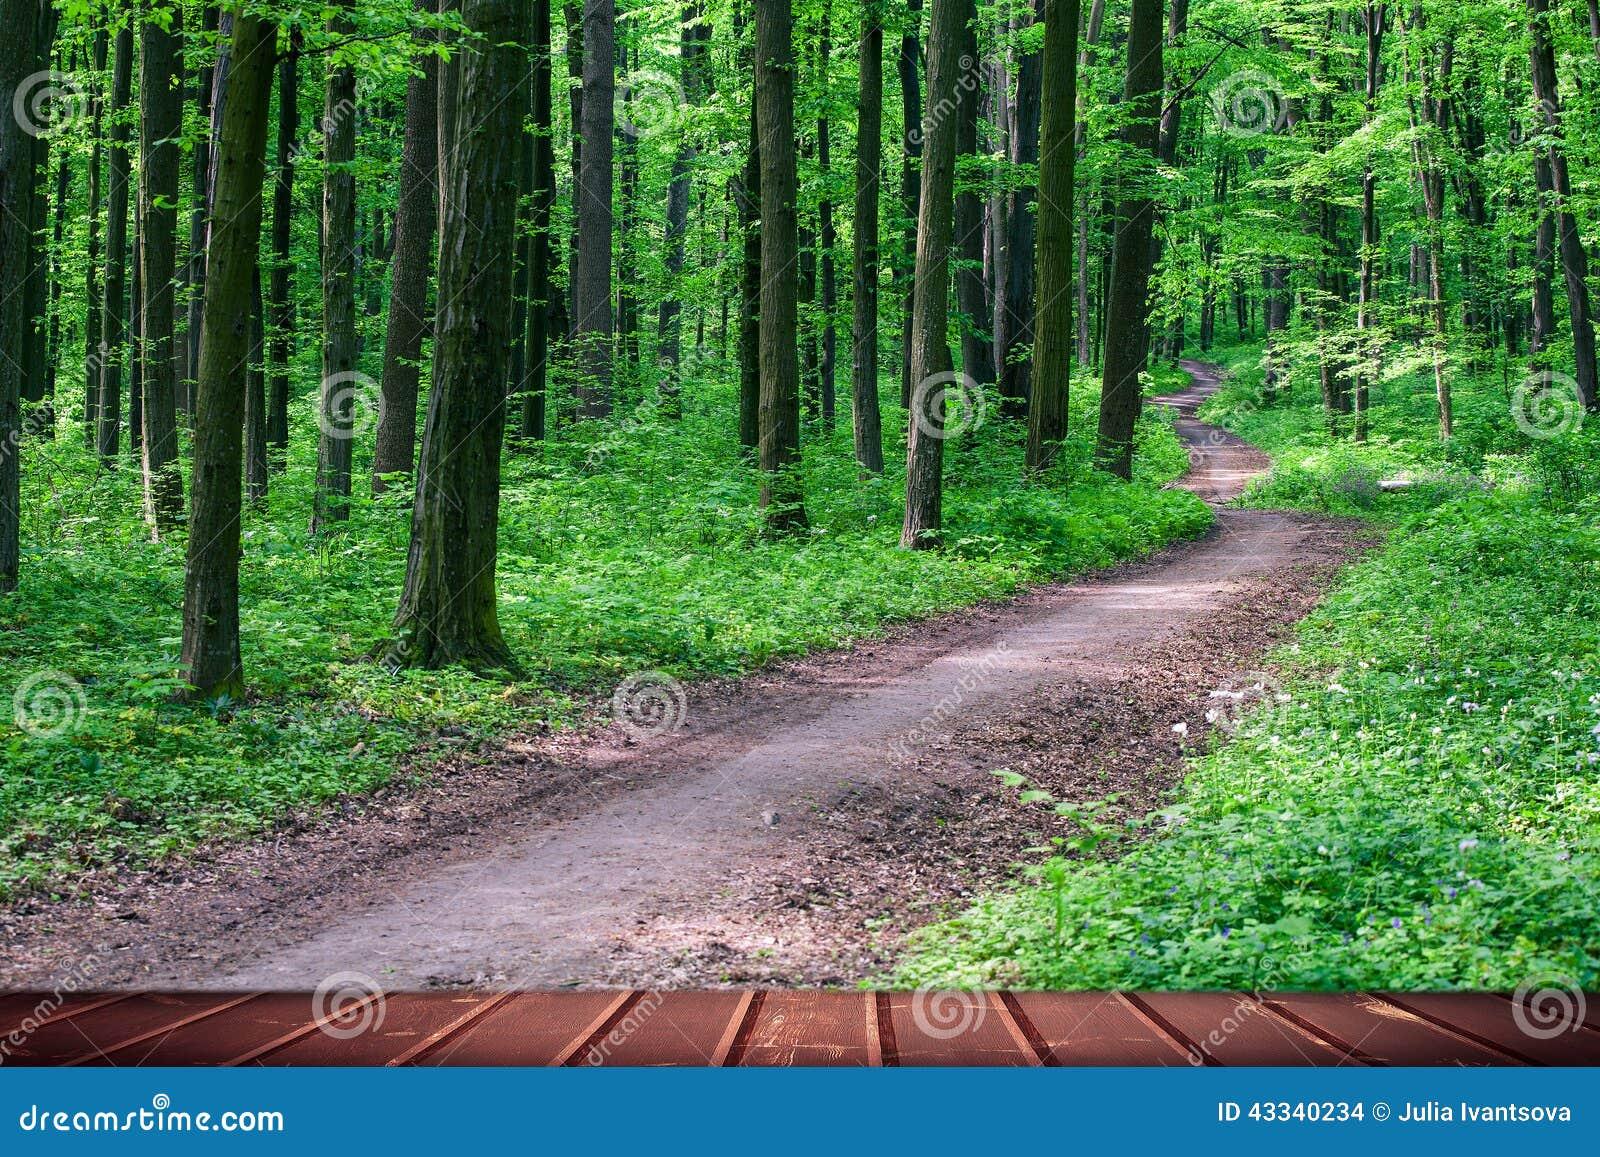 森林背景图片